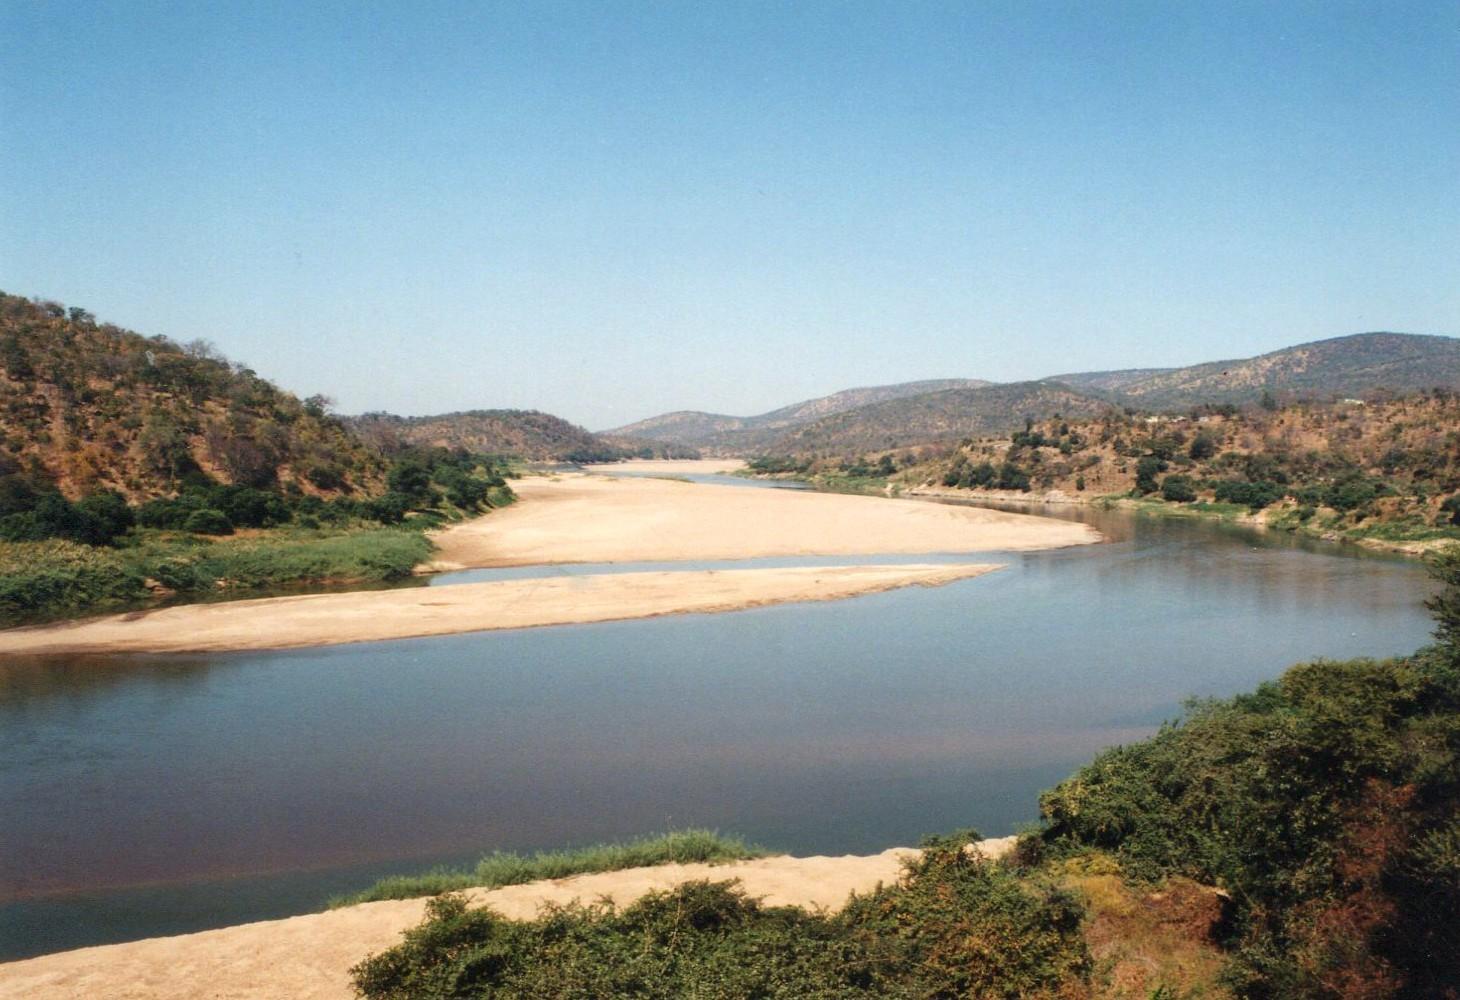 Řeka Luangwa, Zambie